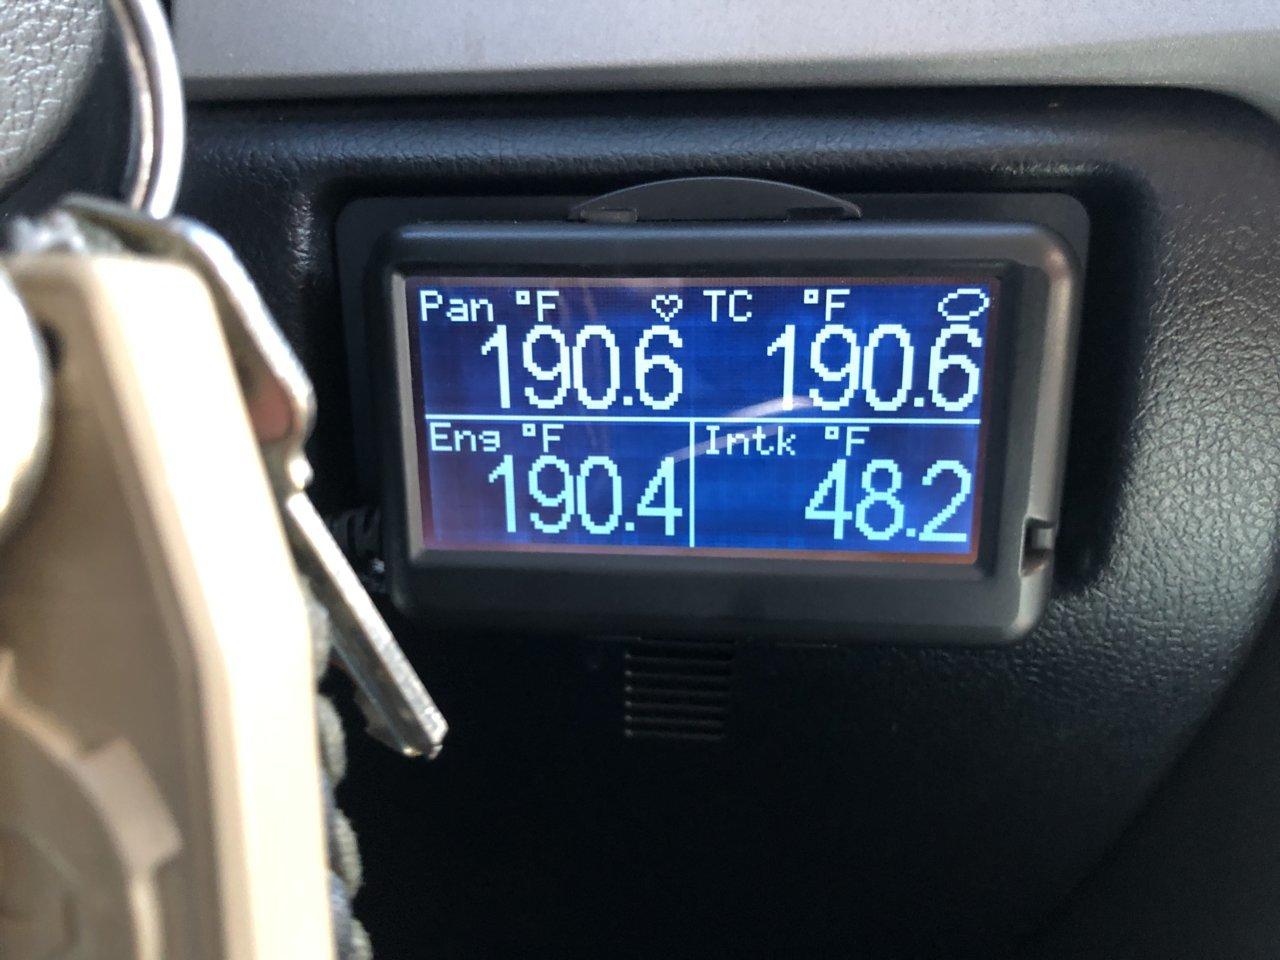 C0789EF2-06FA-4C4A-9740-41BFFB7618EA.jpg